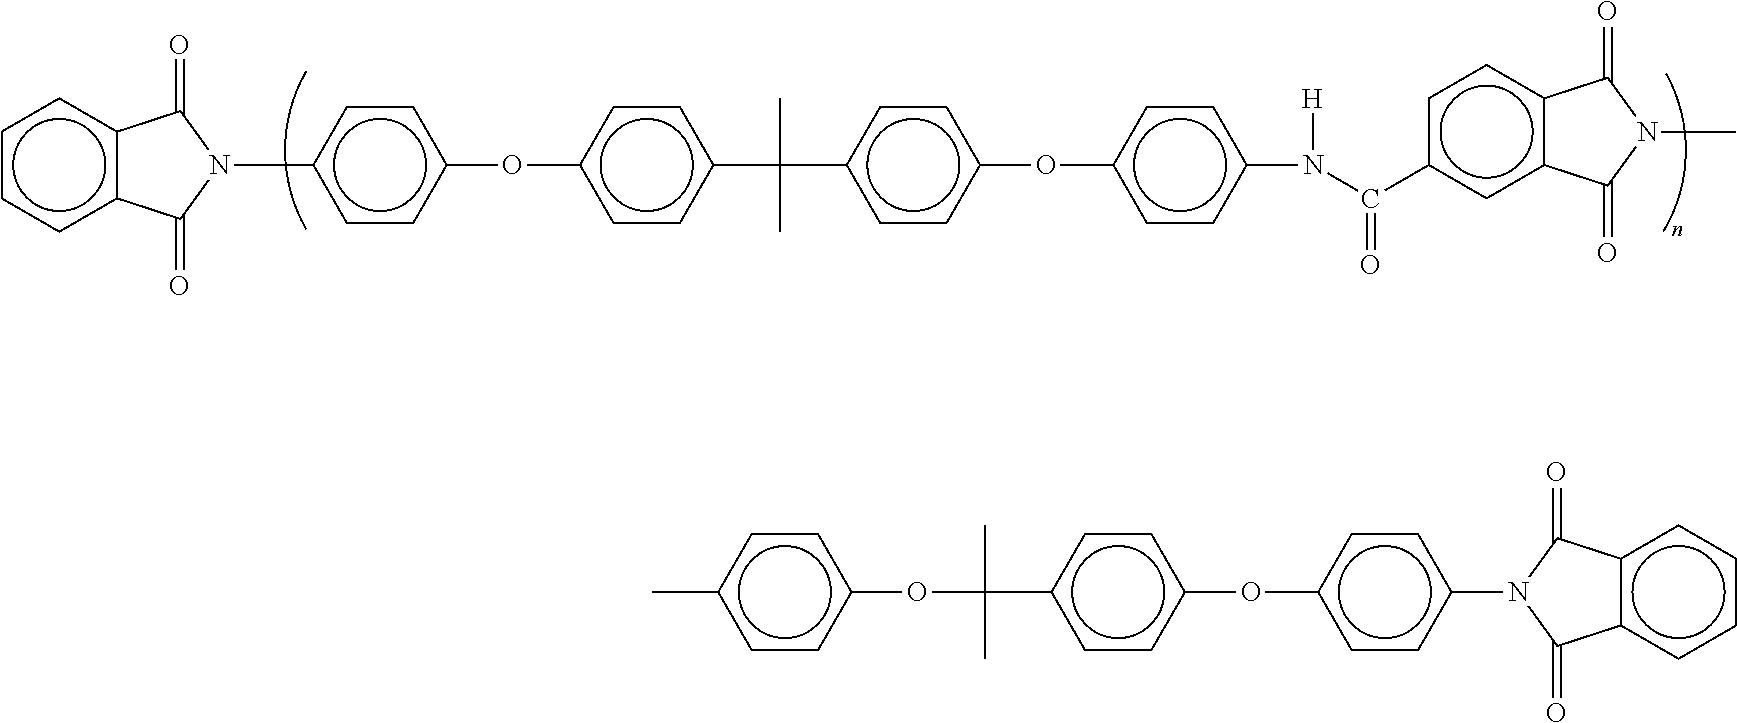 Figure US07935780-20110503-C00018